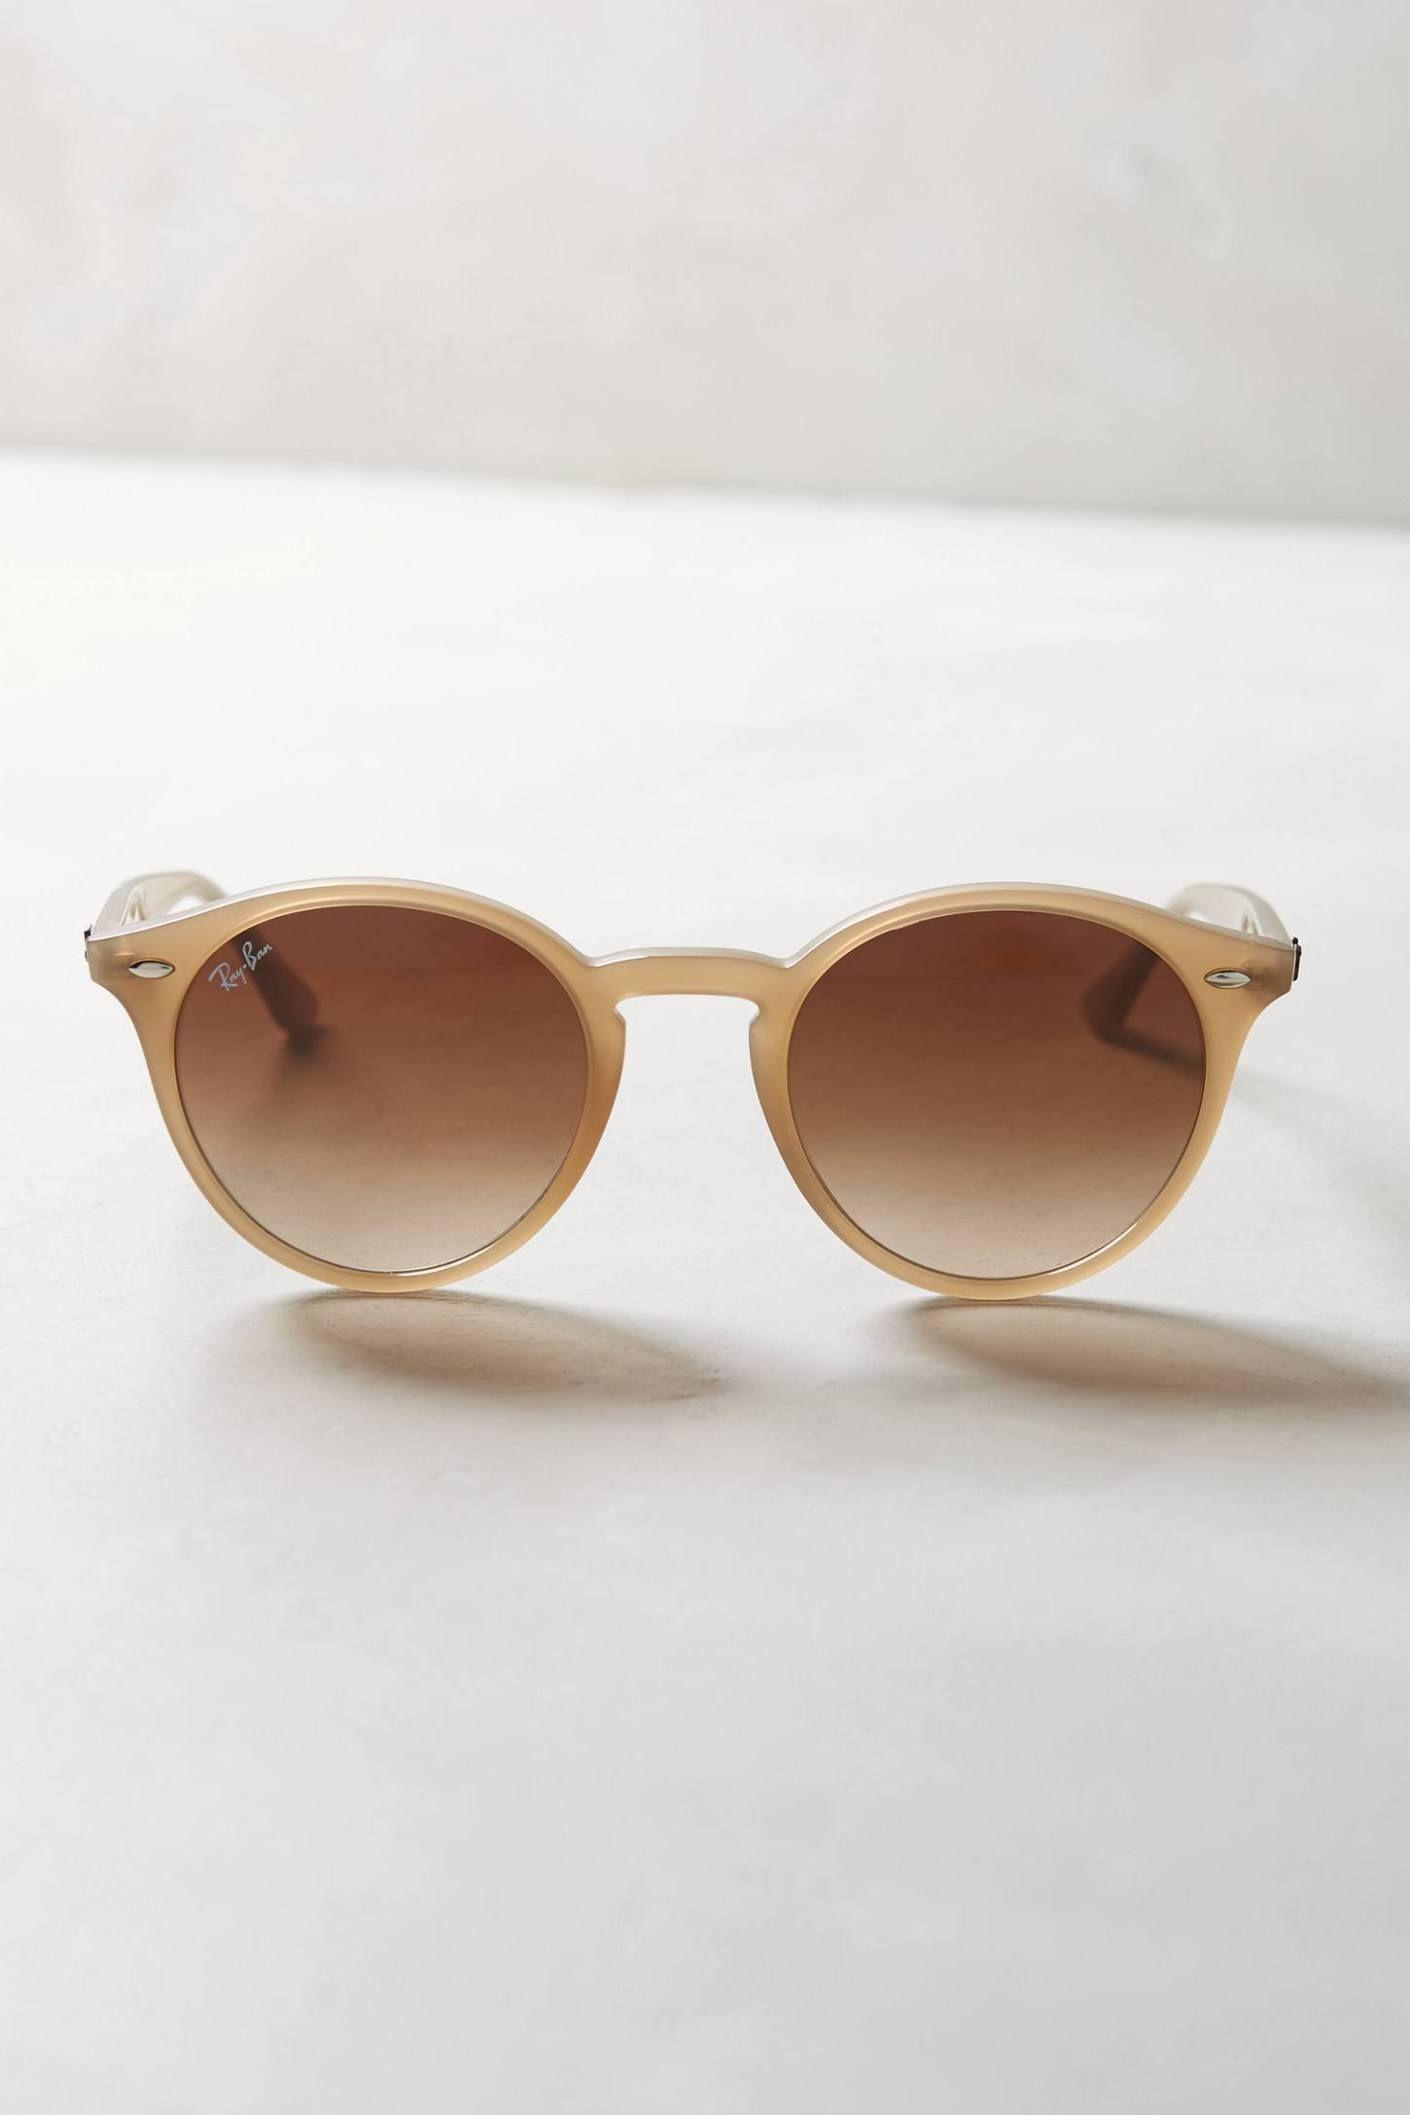 94c43620a Óculos De Sol Rayban Ray Ban Fleck Rb2447 Redondo Original - R$ 150*00 no  MercadoLivre